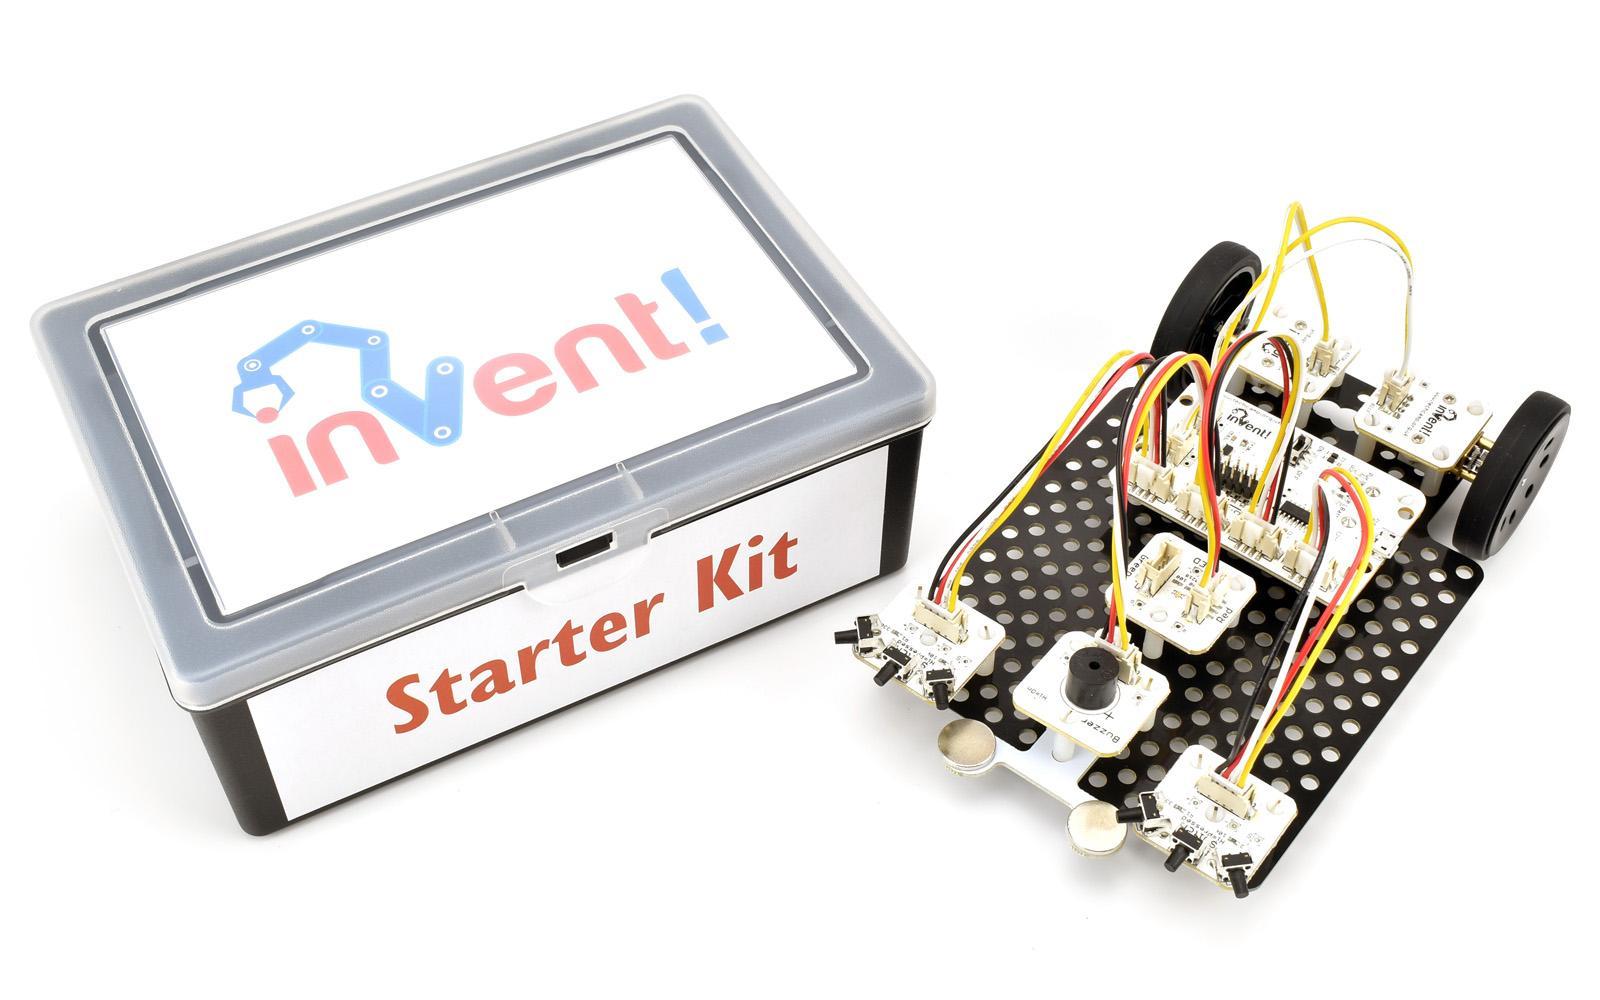 images/invent/starterjunior_promo_M.jpg